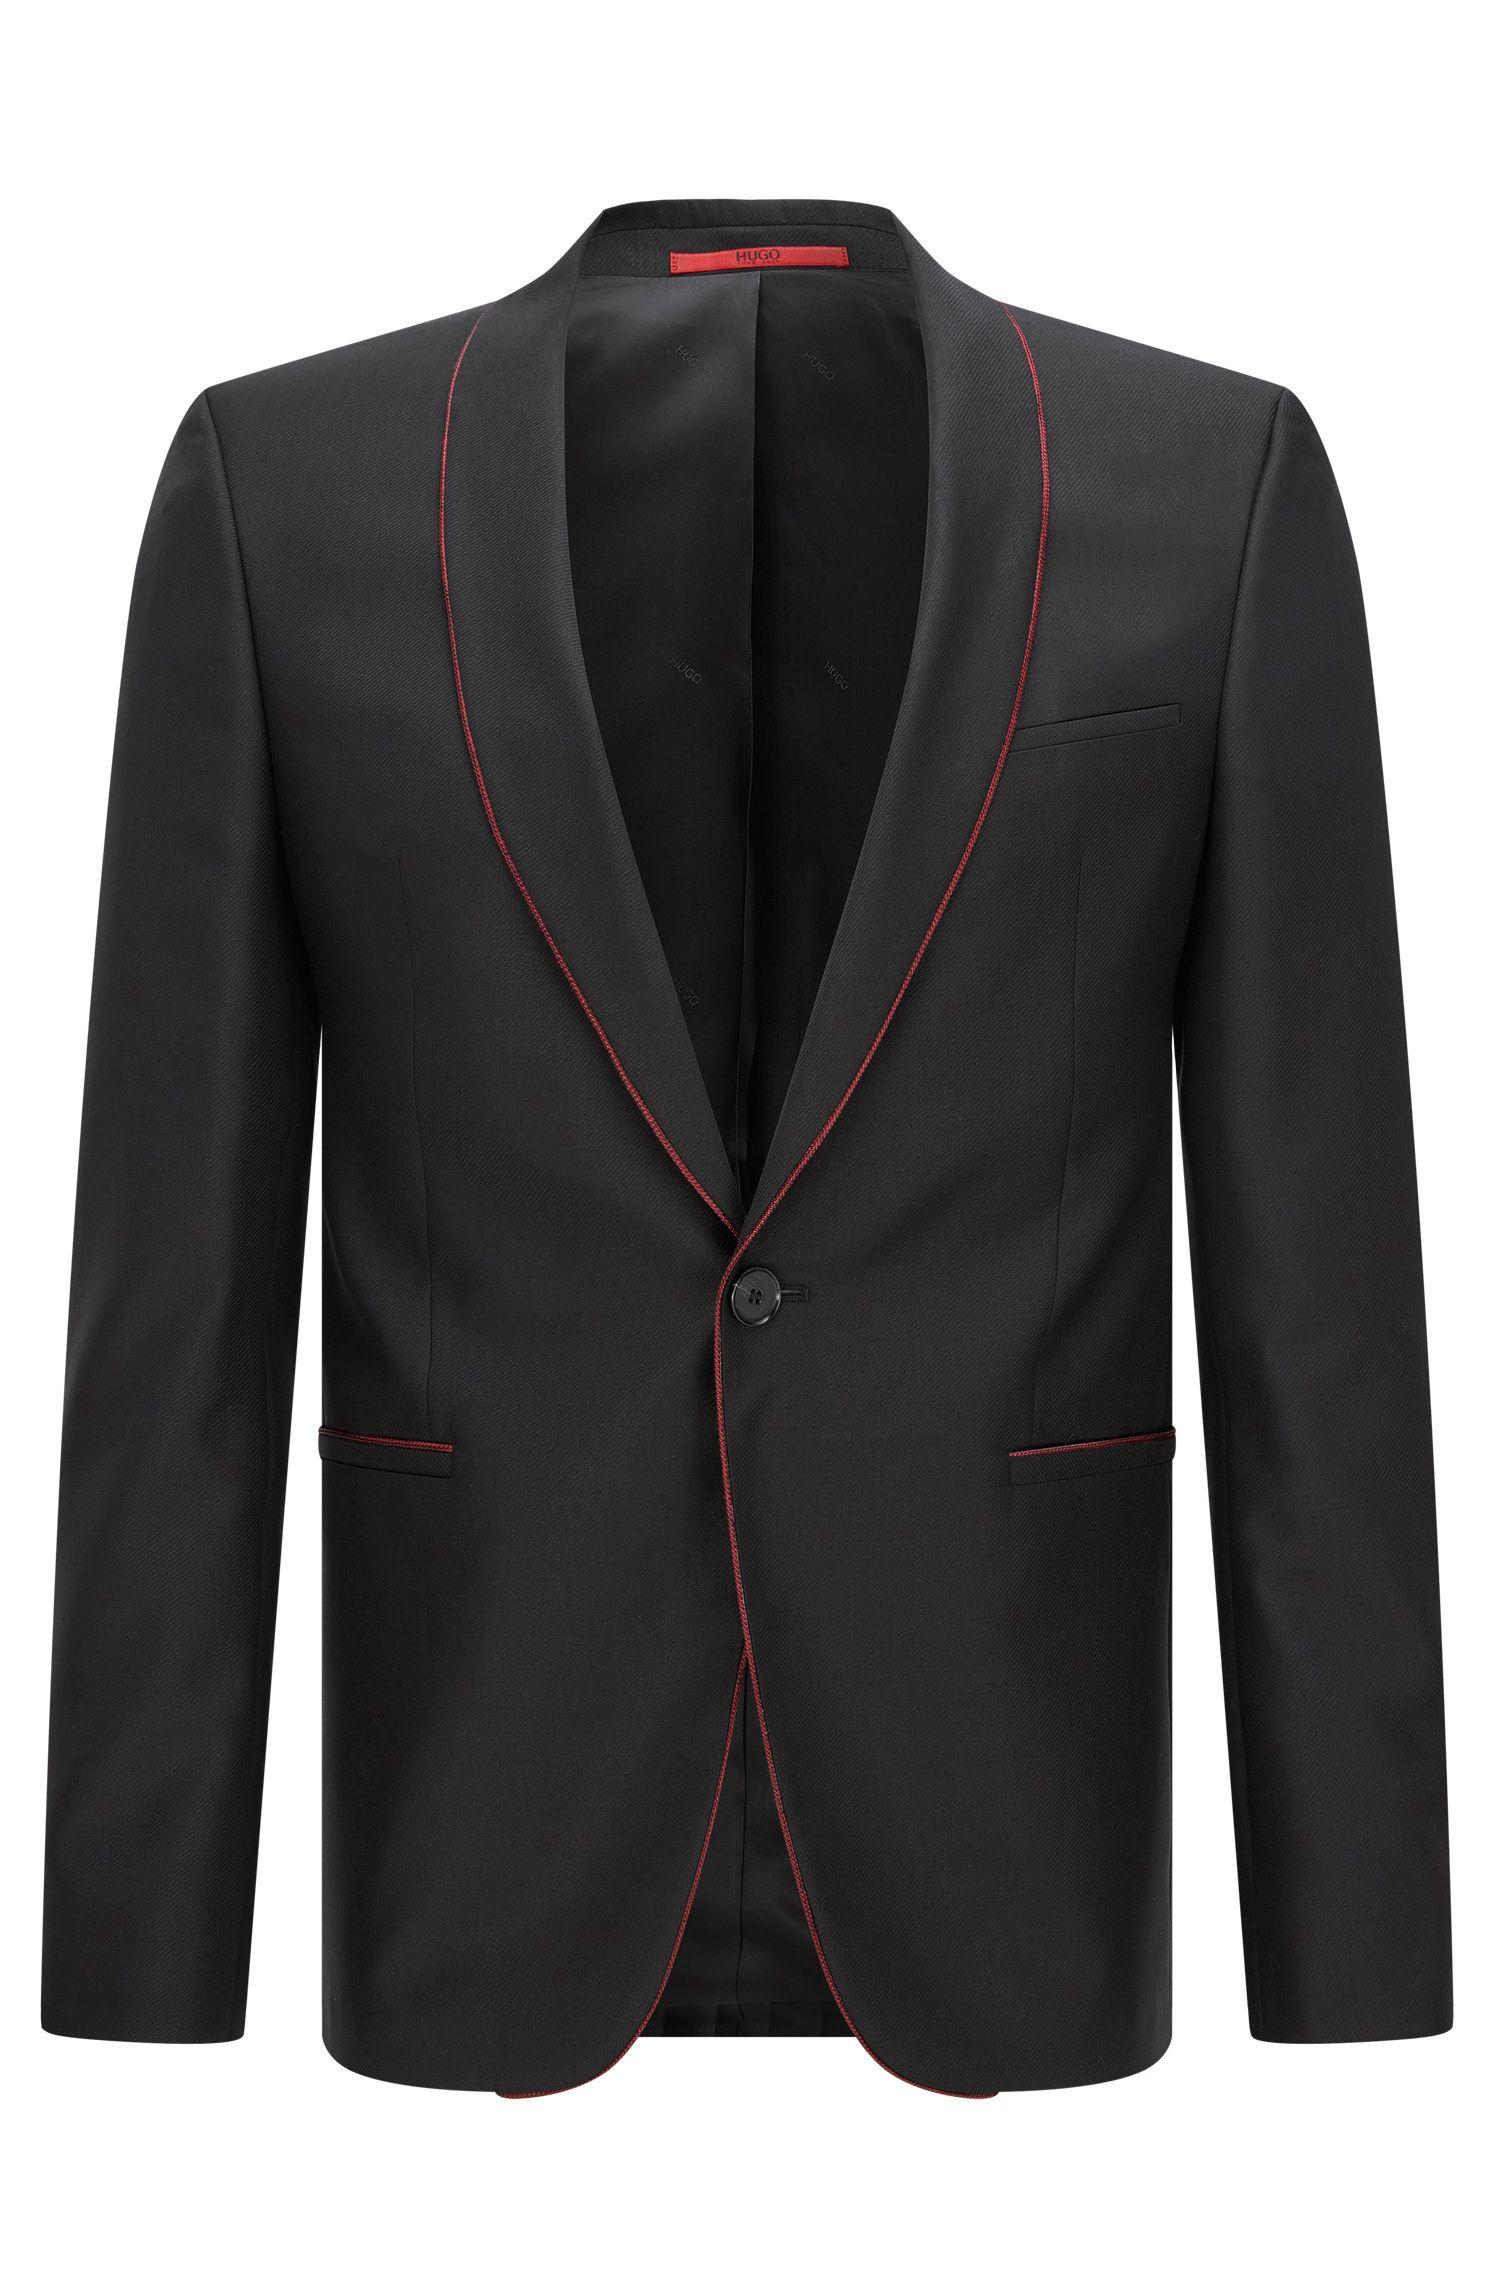 'Arins' | Slim Fit, Contrast Trim Virgin Wool Blend Sport Coat